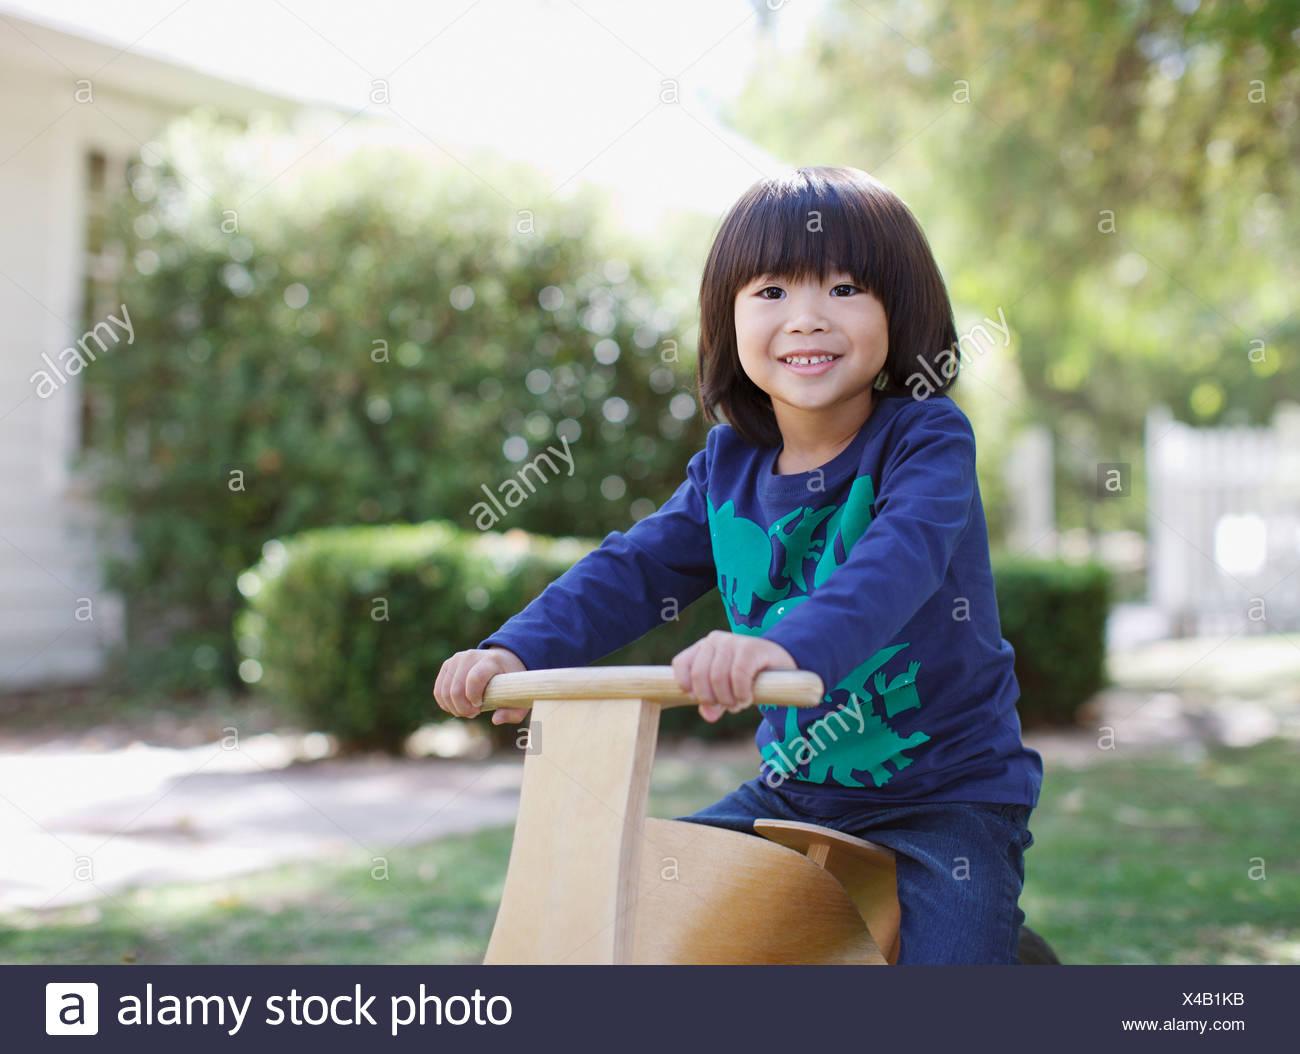 4-5 anni,attivo, etnia asiatica,backyard,BOY,boys,california,abbigliamento casual,l'infanzia,immagine a colori,giorno,elementary Immagini Stock